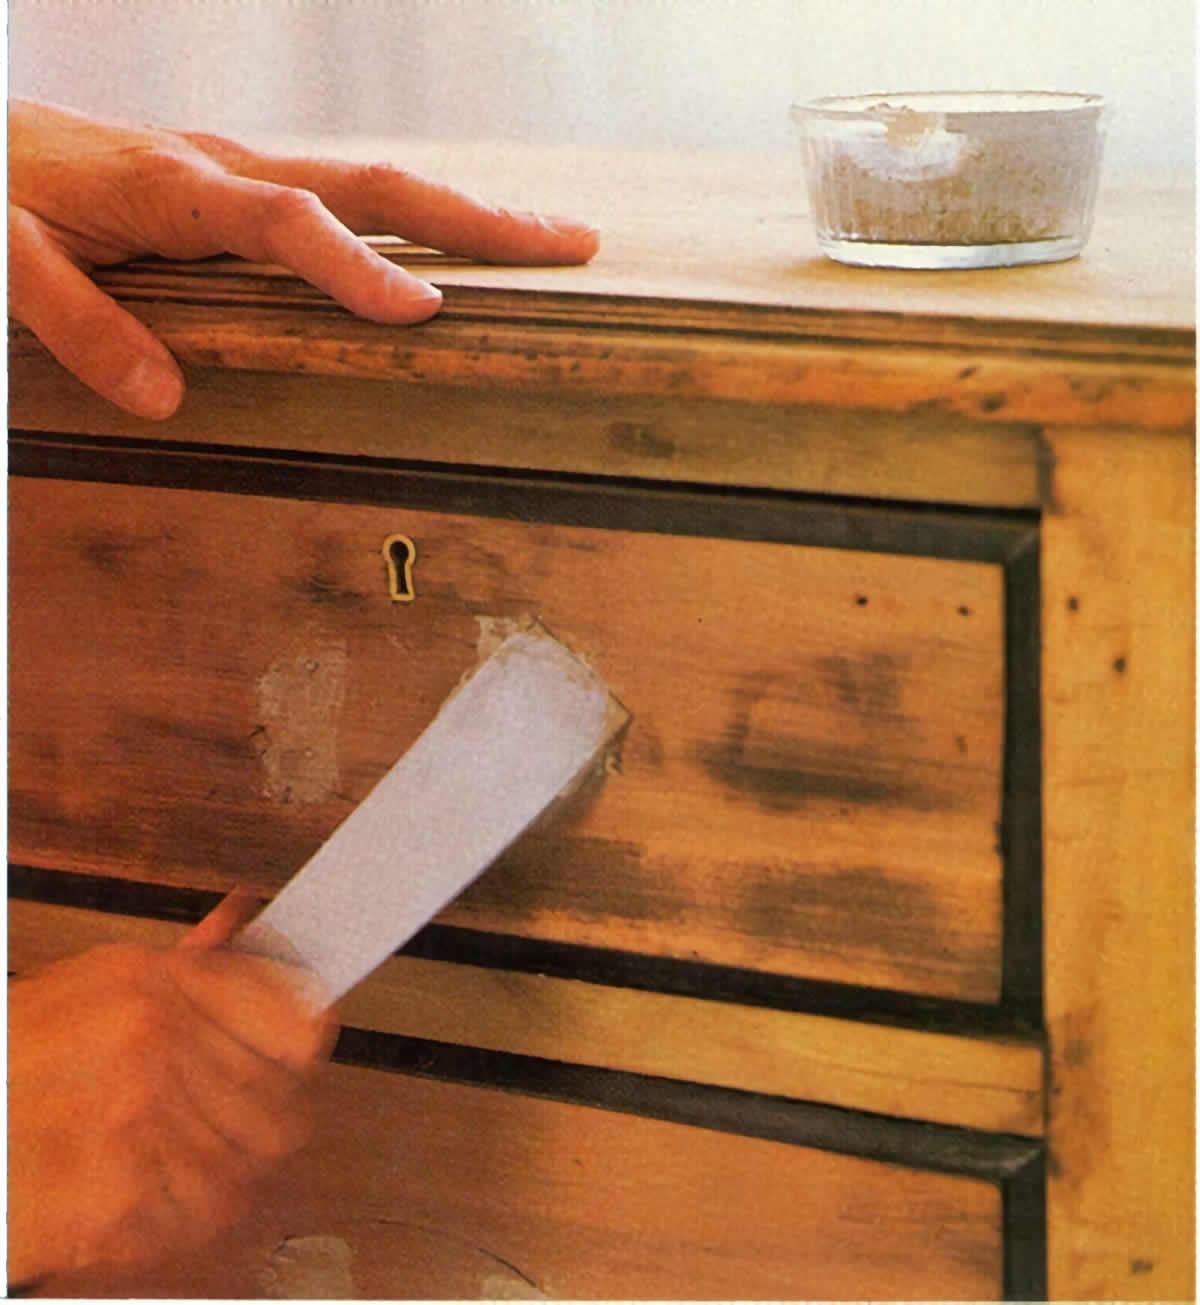 Trucos y t cnicas para restaurar muebles esmihobby - Recuperar muebles viejos ...